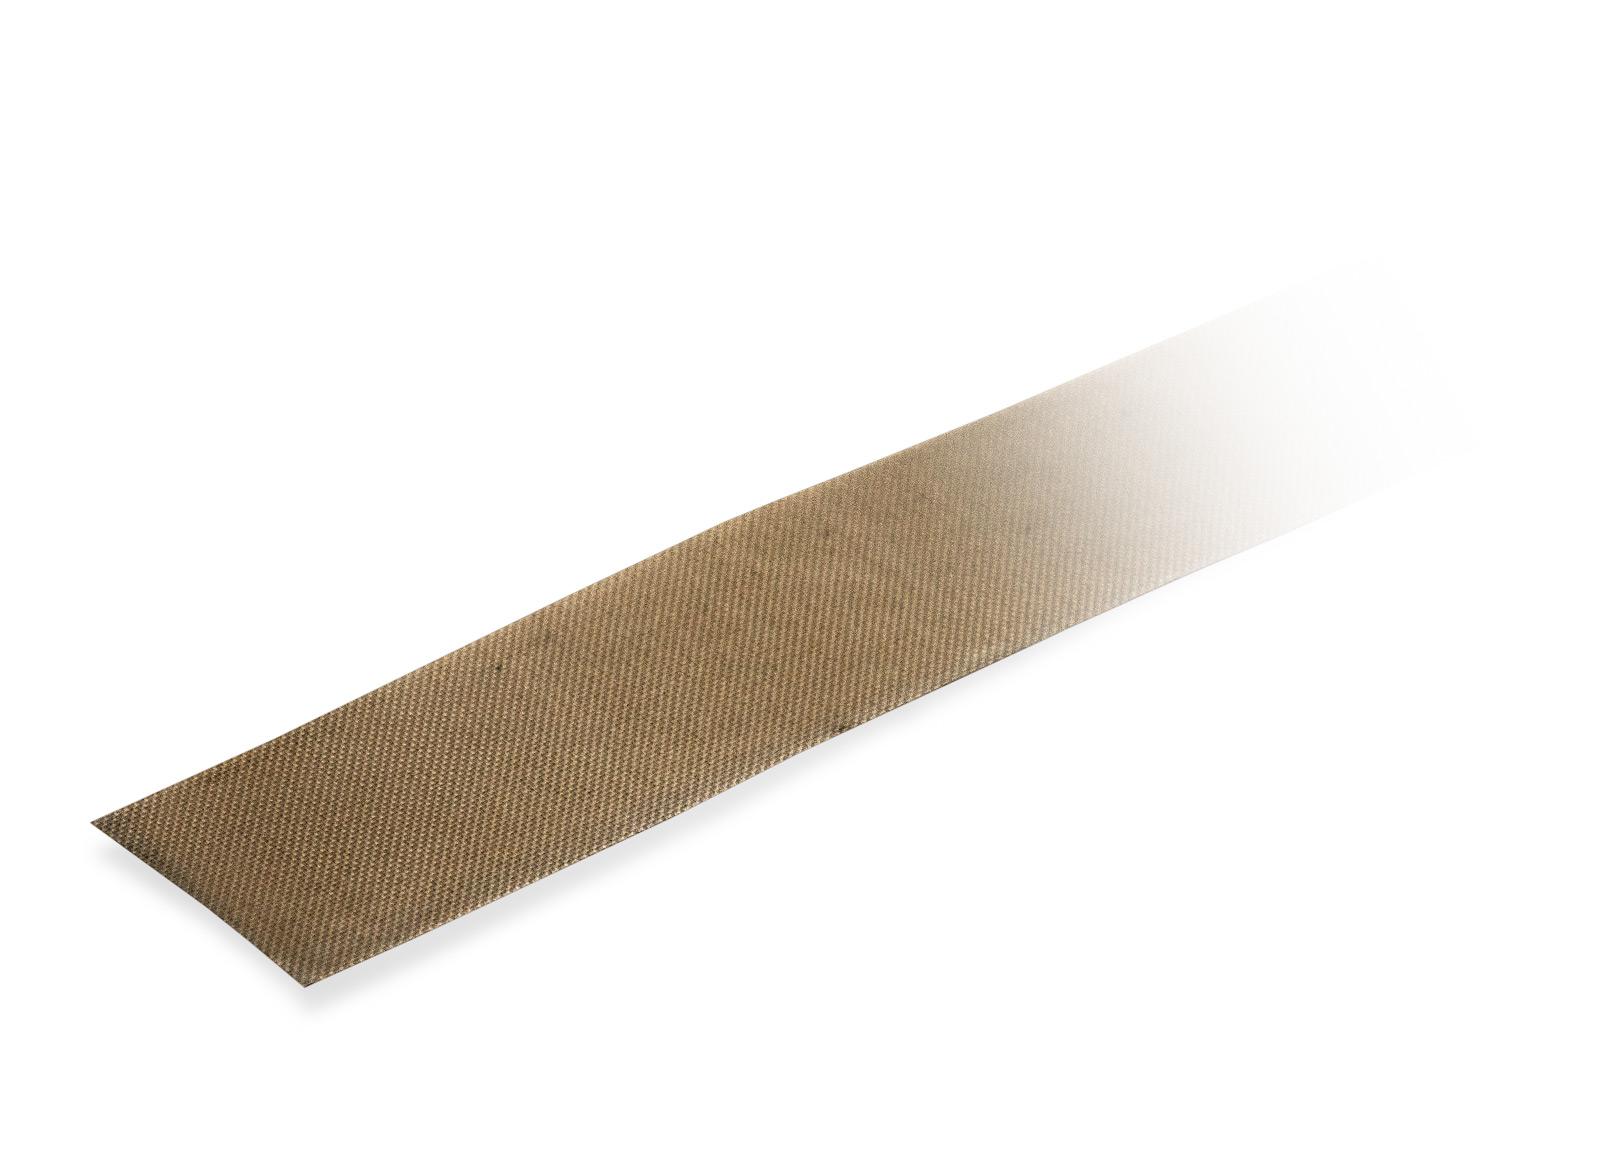 Náhradní tepluodolná páska teflonovaná pro svářečku fólií PFS-400A